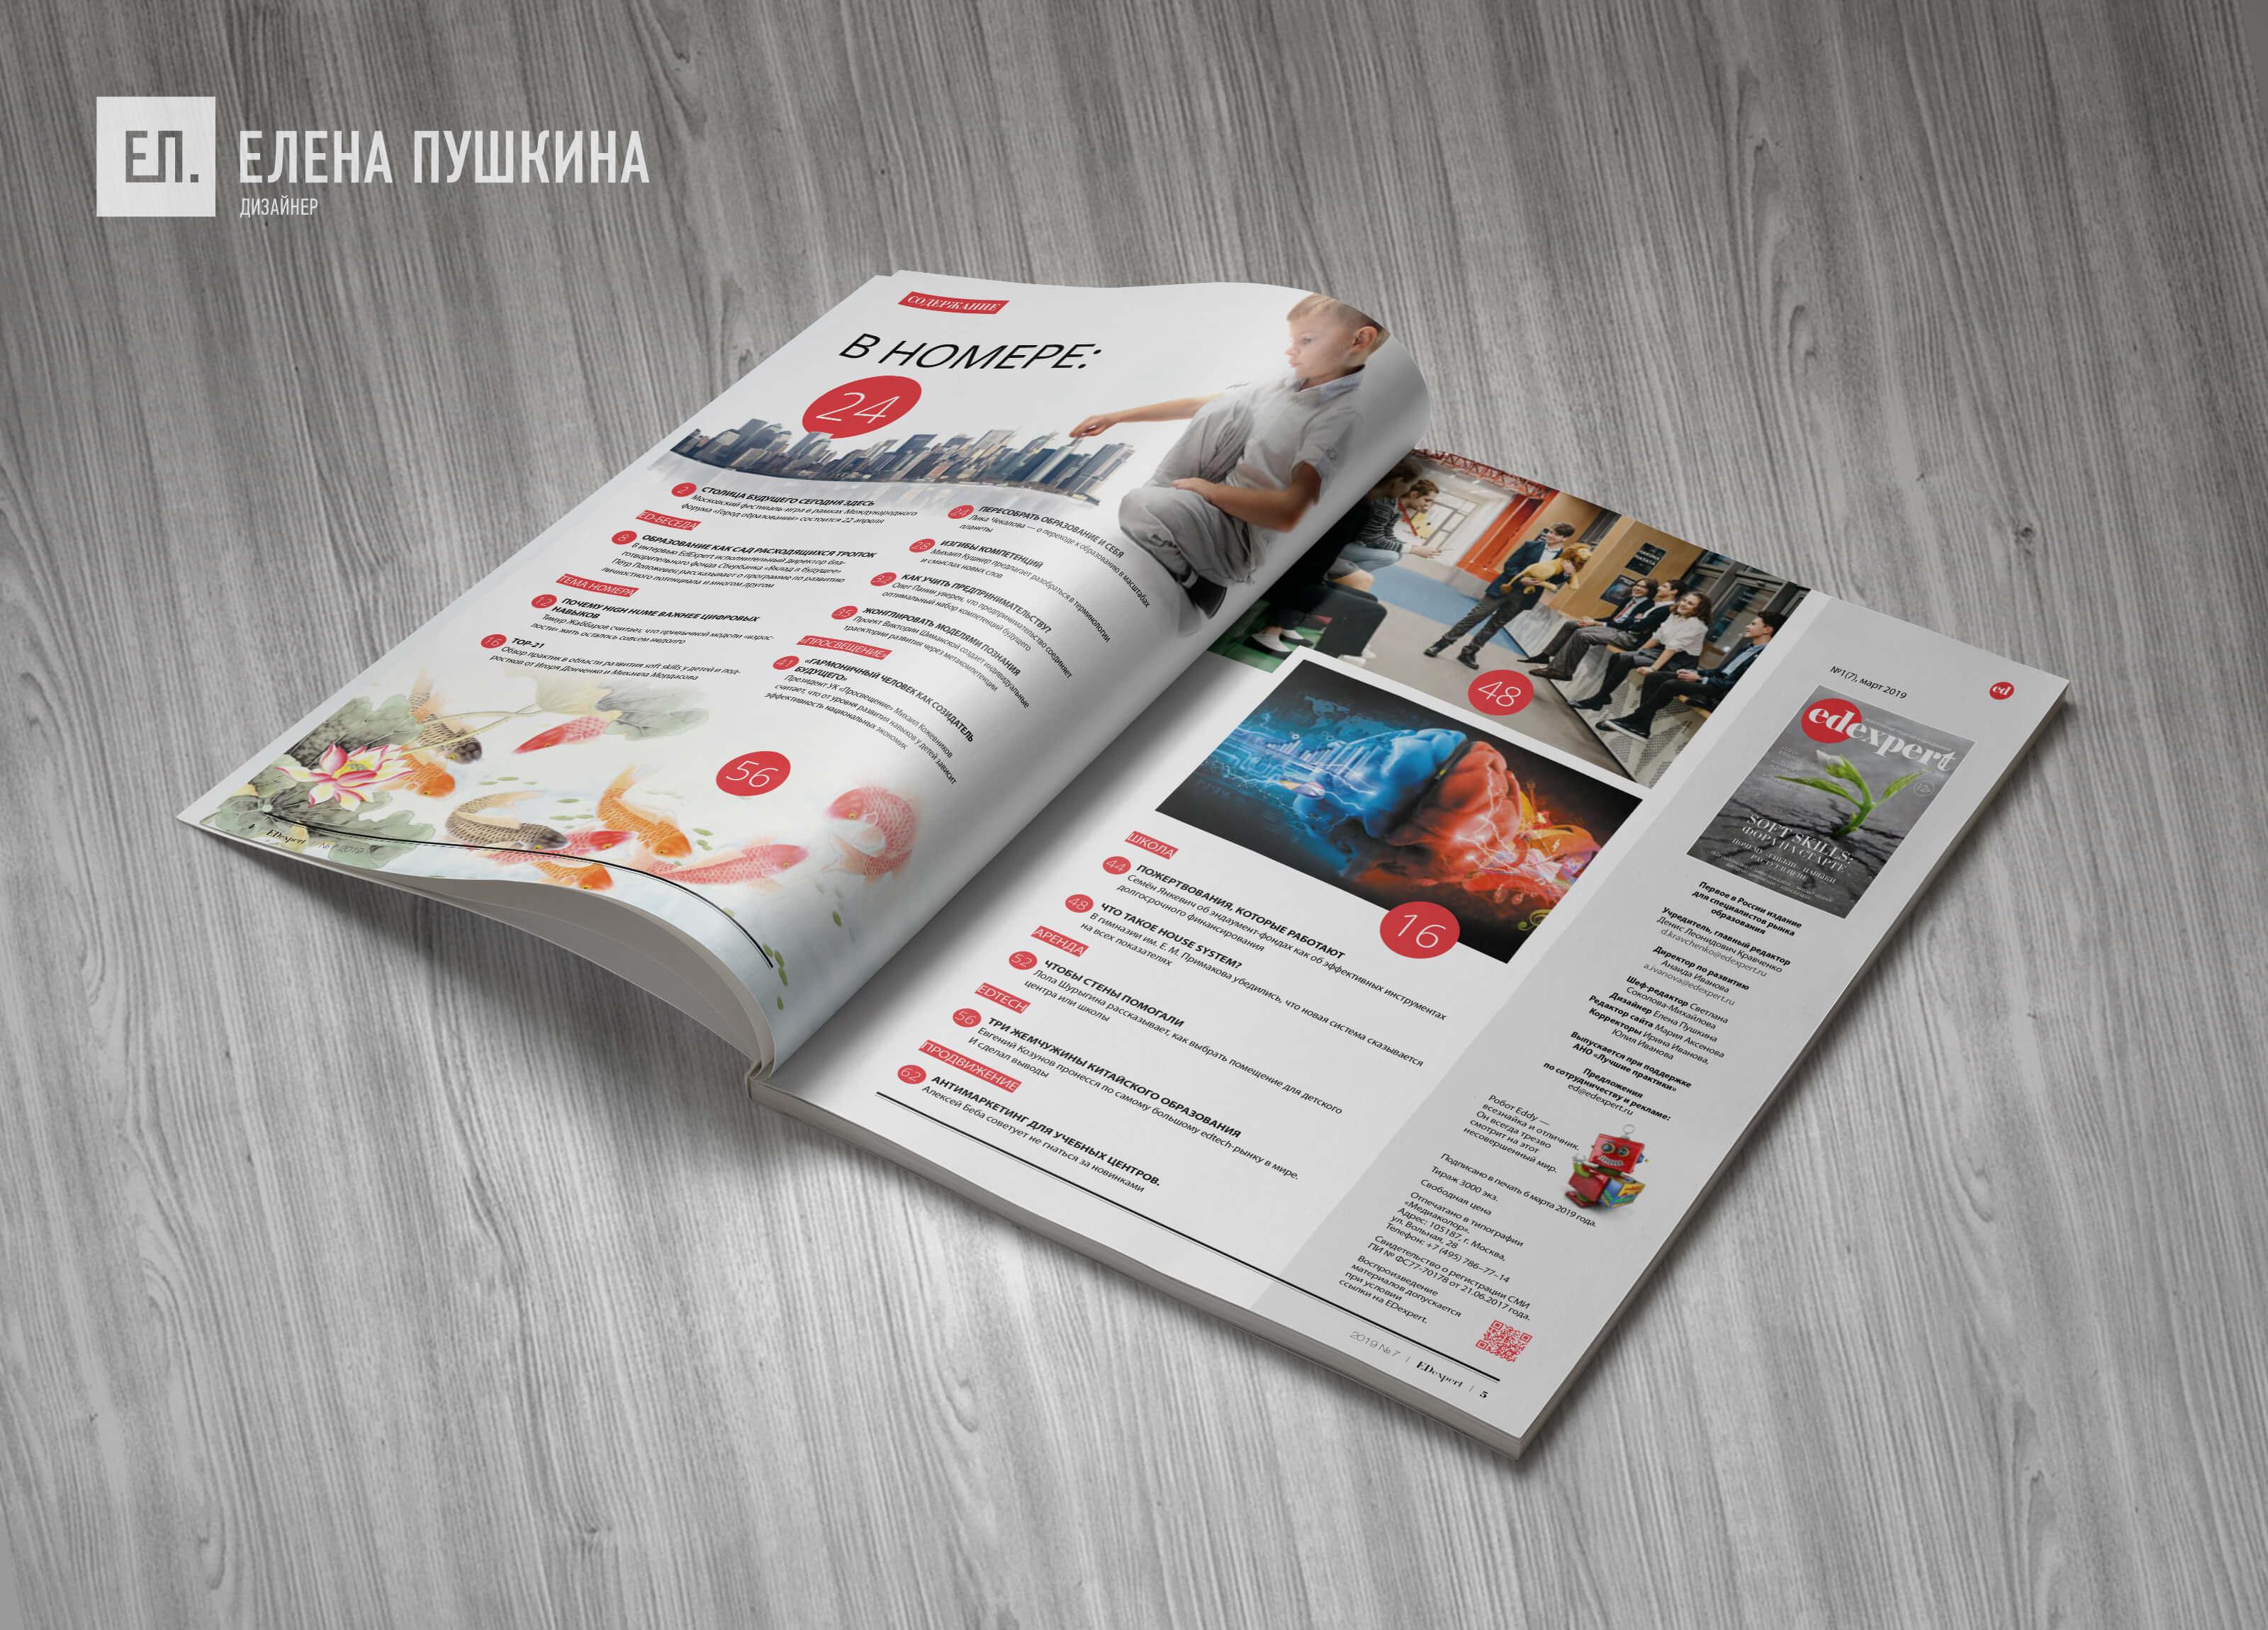 Журнал «EDexpert» №7 март 2019— разработка с«нуля» логотипа, обложки, макета ивёрстка журнала Разработка журналов Портфолио